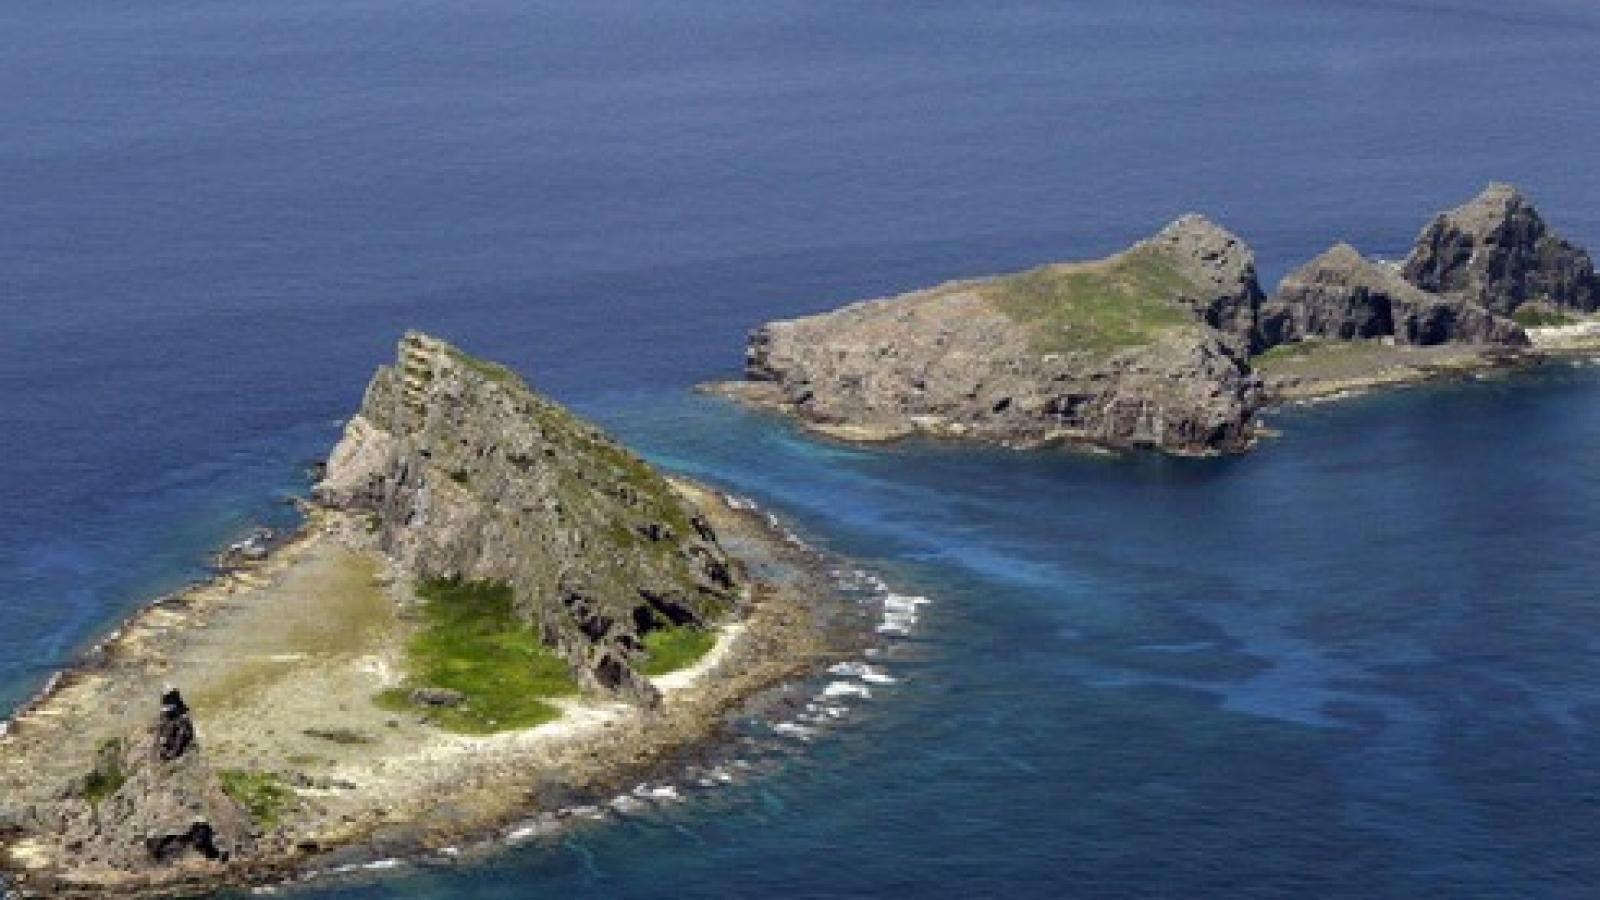 Nhật Bản phản đối Trung Quốc điều tàu tới quần đảo Senkaku/Điếu Ngư